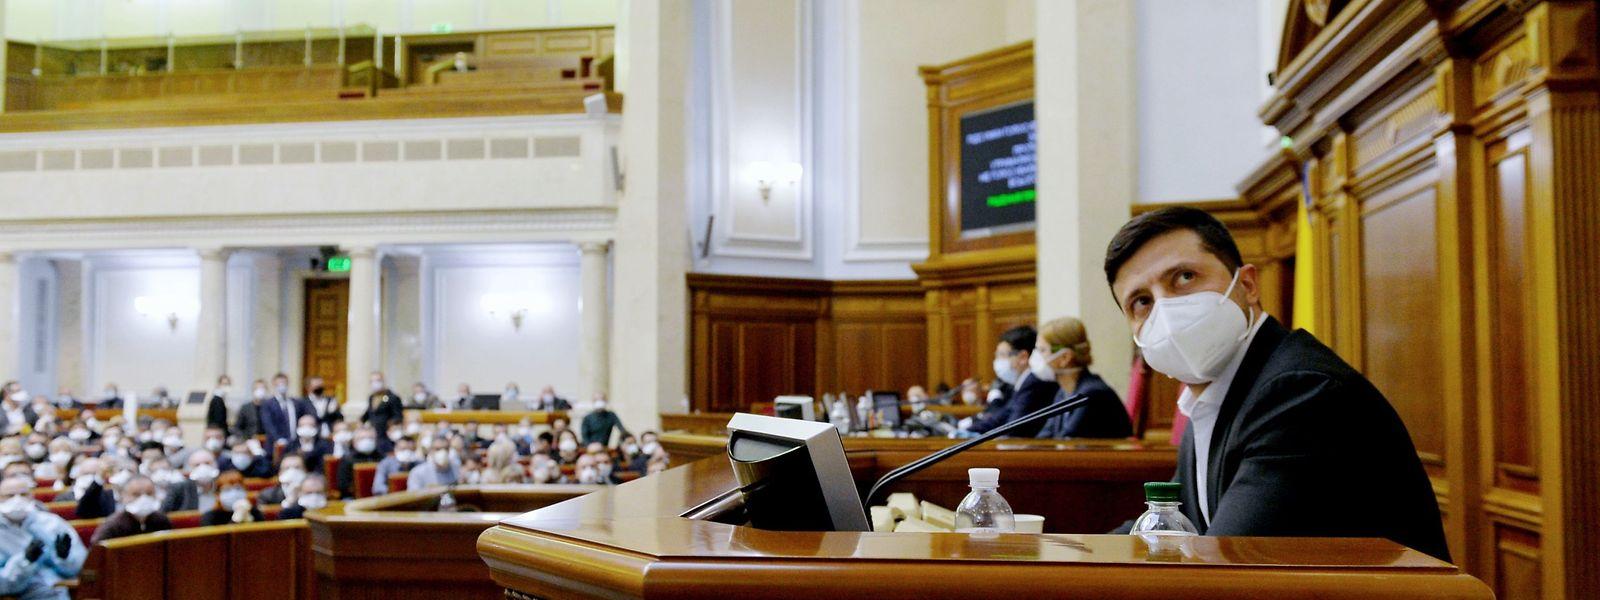 Der ukrainische Präsident Wolodymyr Selenskij ist offensichtlich mit der Corona-Krise überfordert.